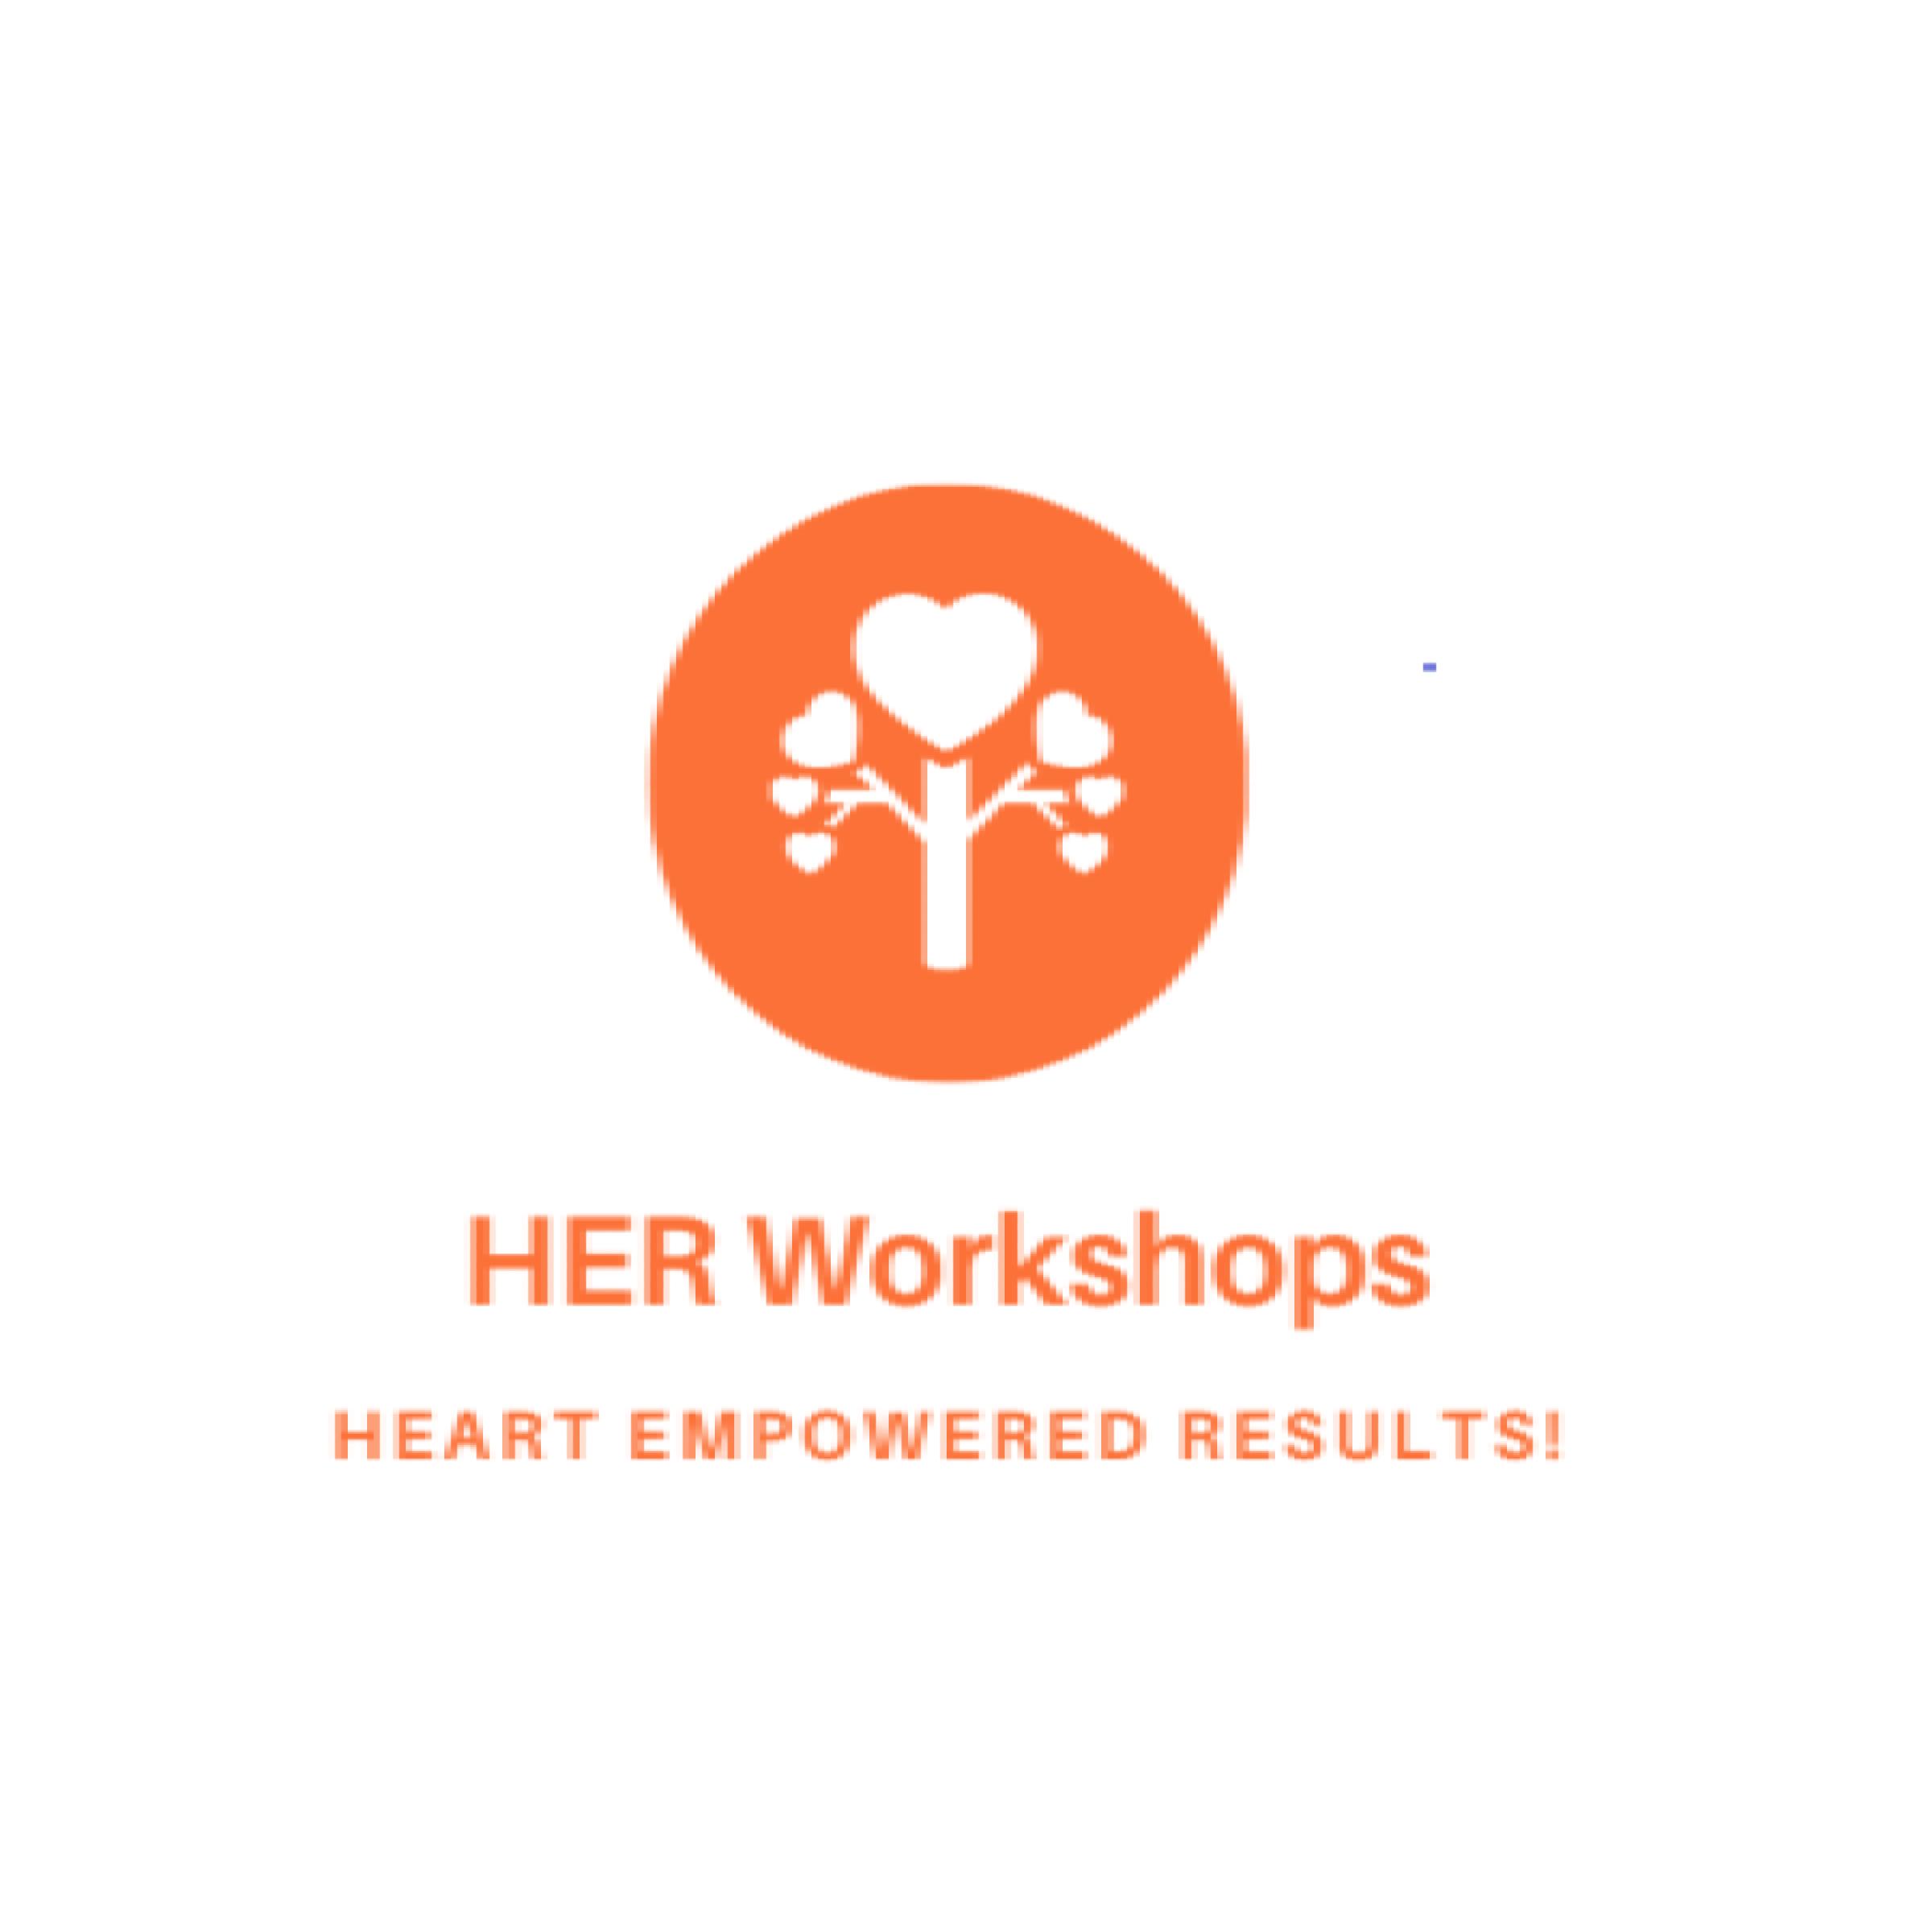 HER Workshops